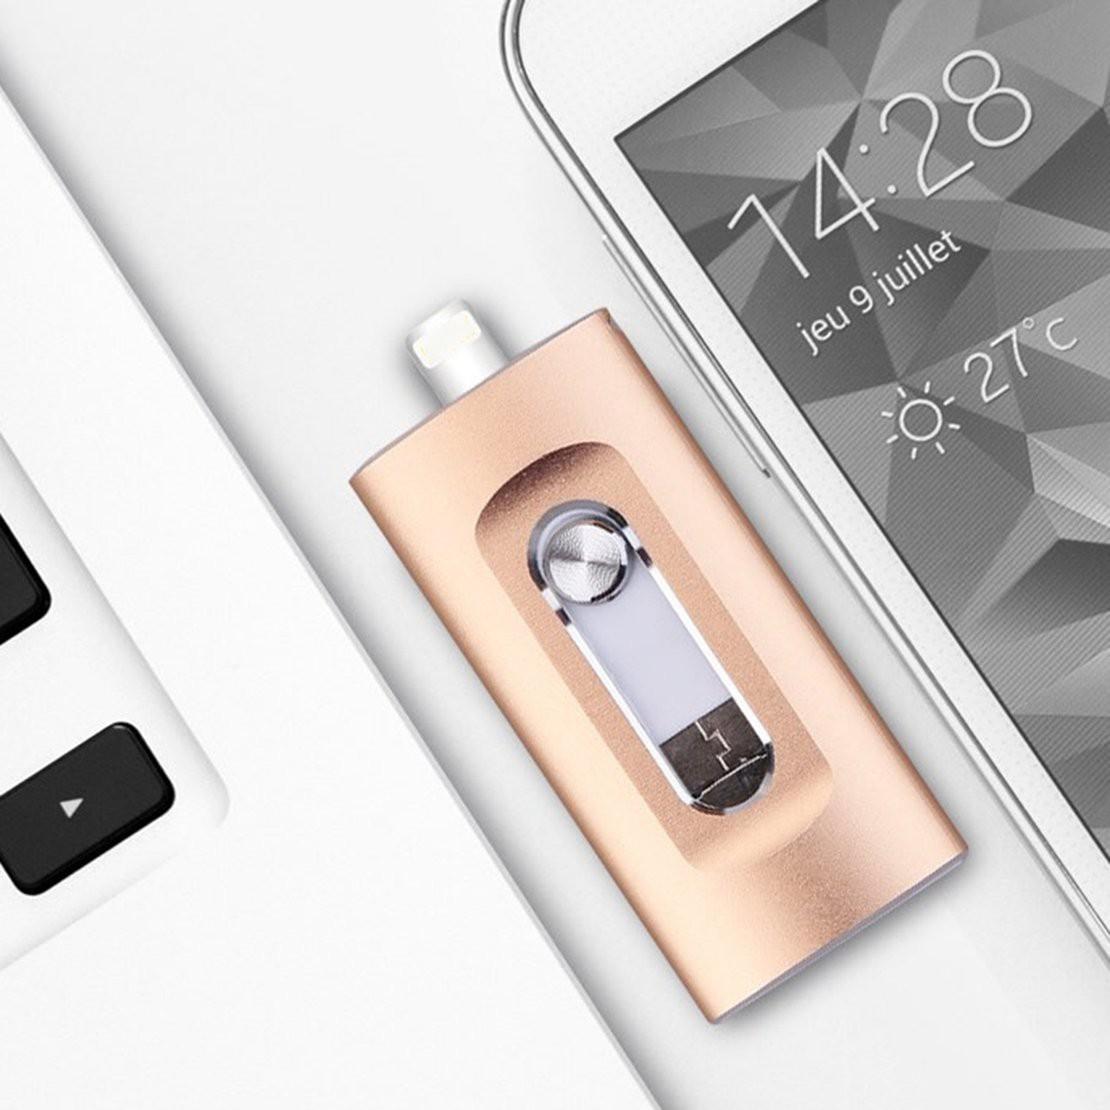 แฟลชไดรฟ์ Usb 16 Gb 32 Gb 64gb 128 Gb สําหรับ Iphone X / 8 / 7 / 6 Plus